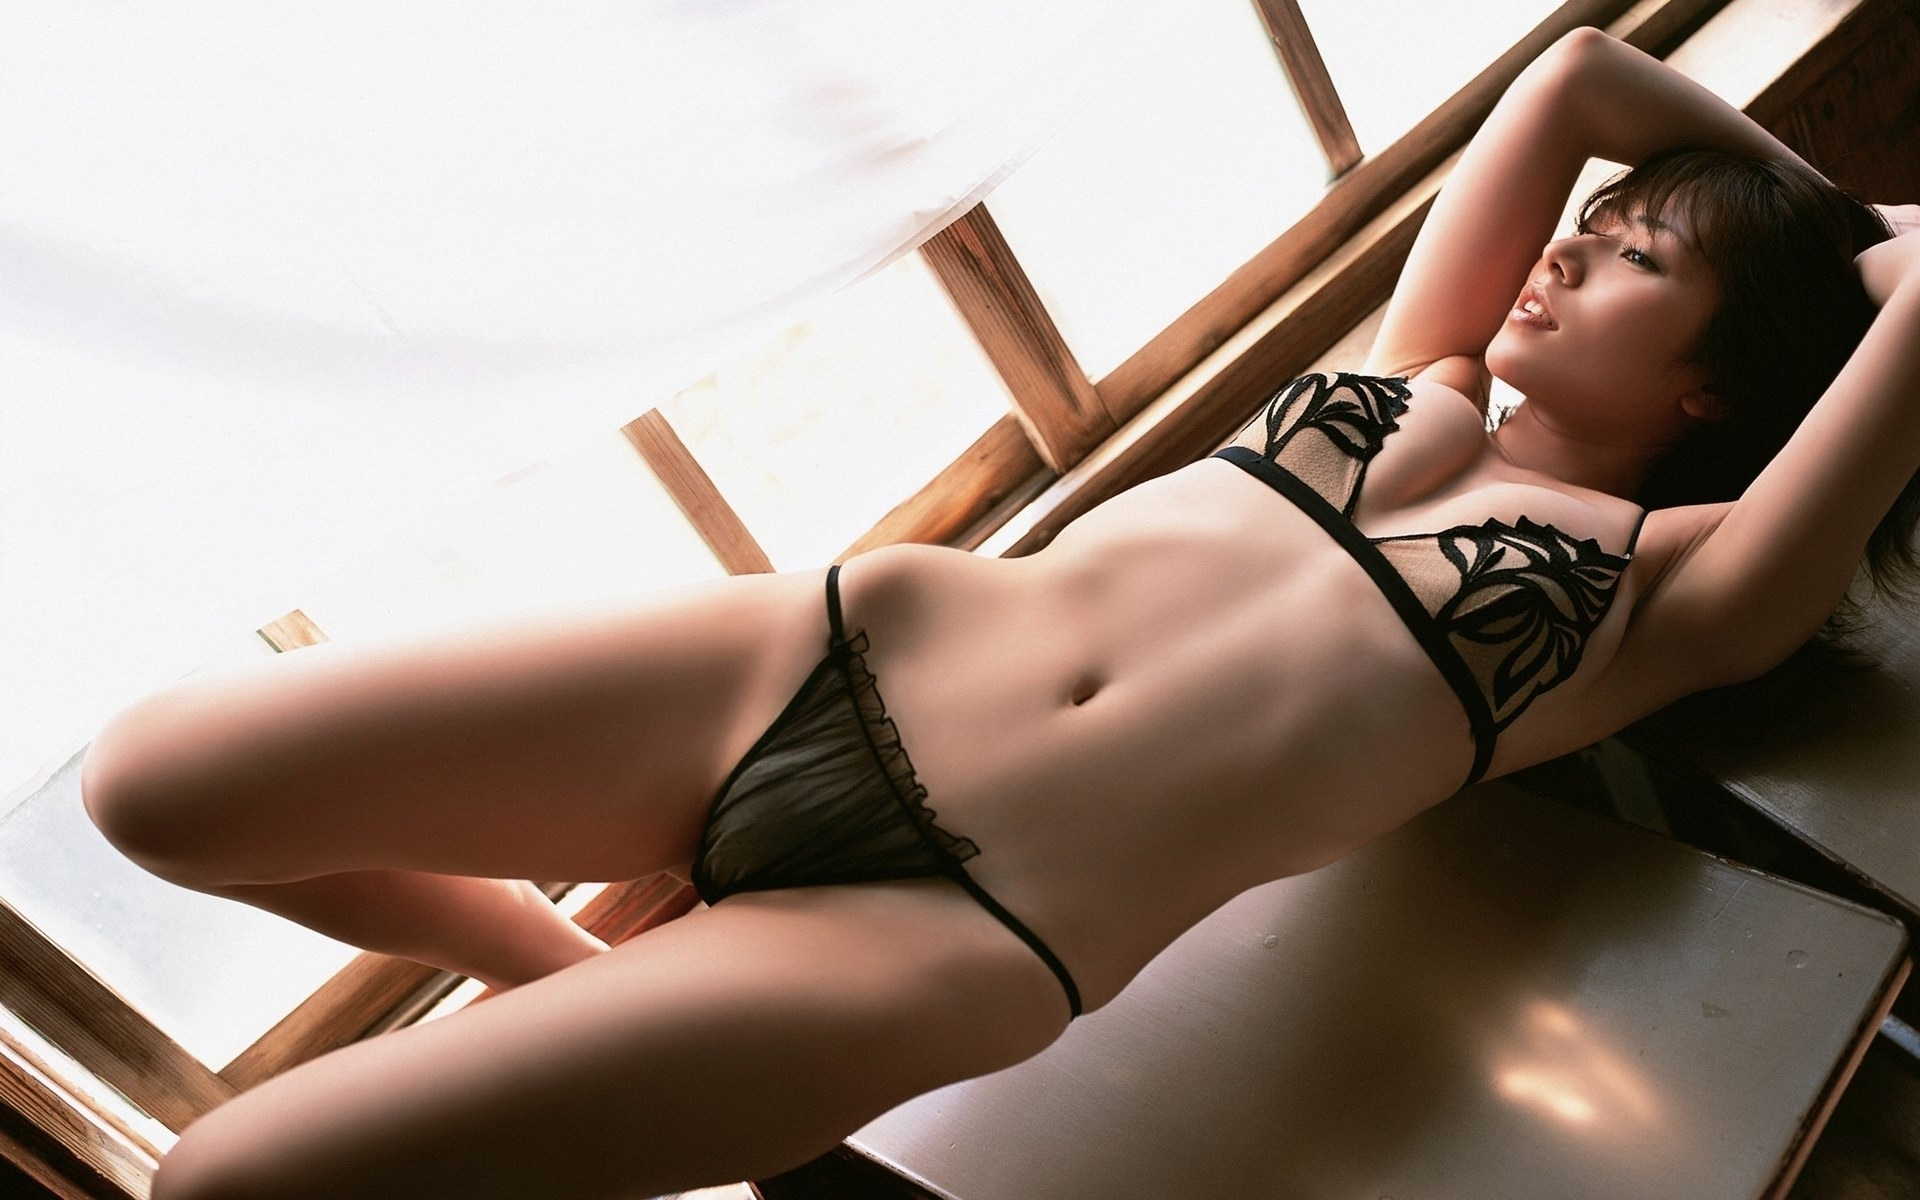 Красивые сексуальные фото слайды девушек мысль